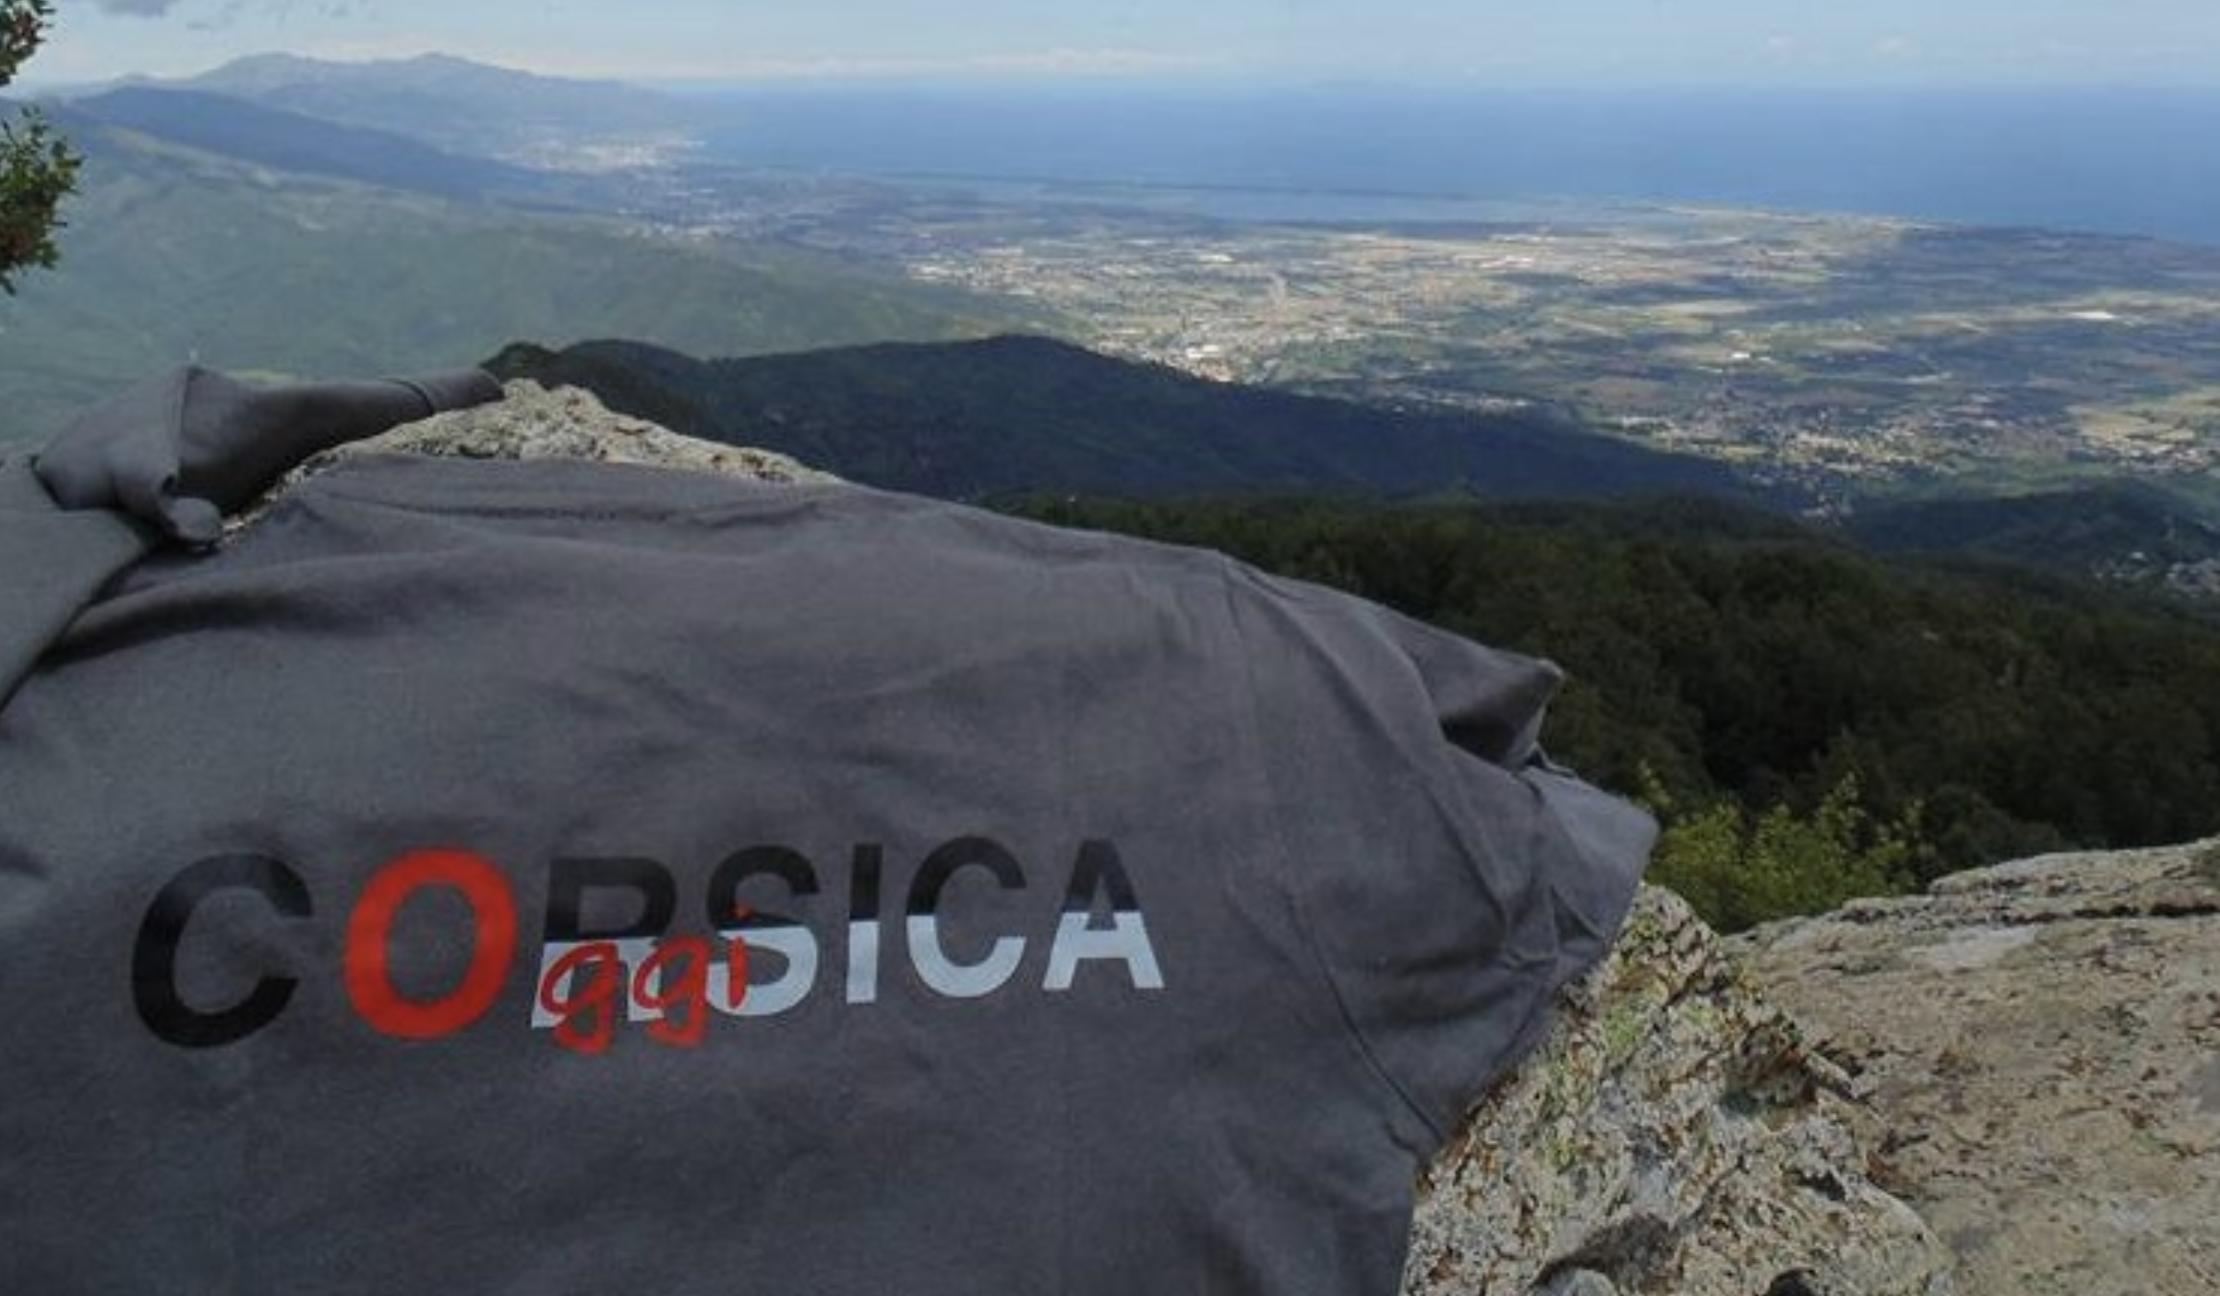 Corsica Oggi cover image